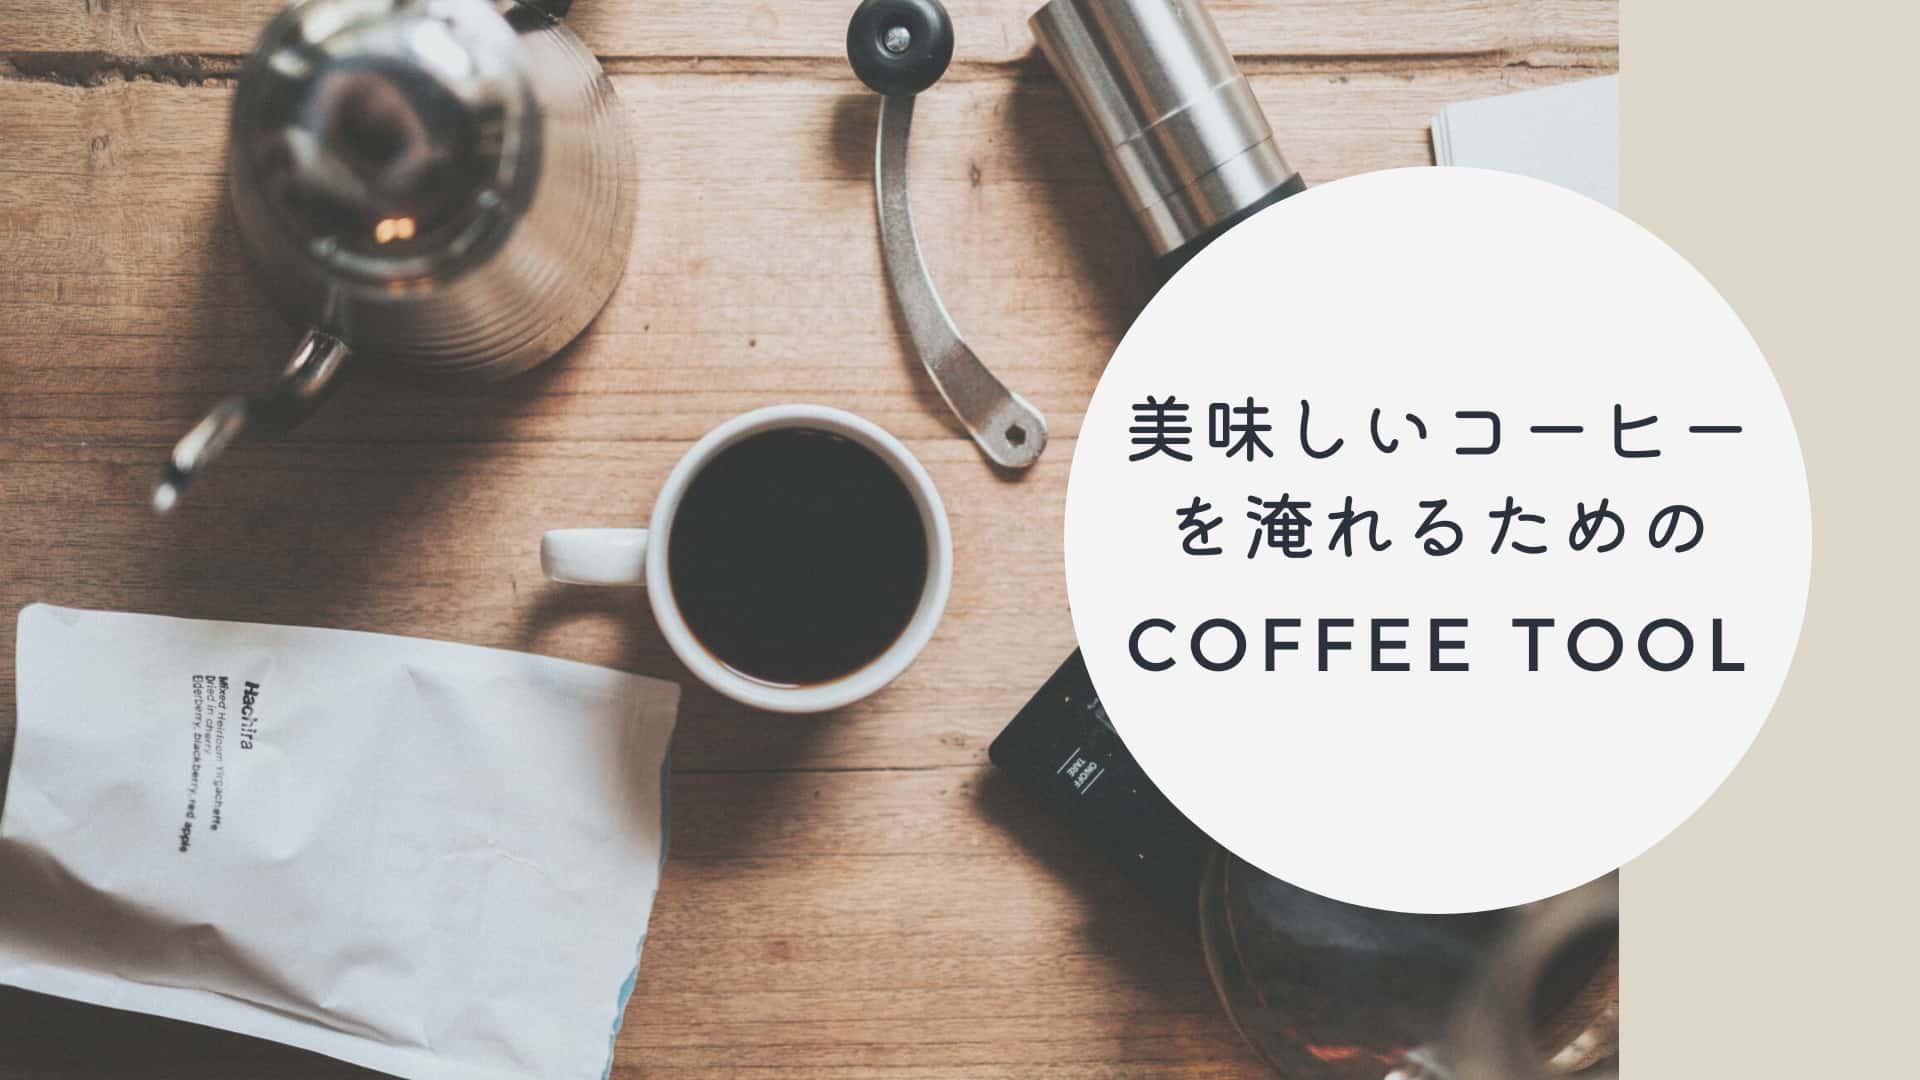 美味しいコーヒーを淹れるためのコーヒーツール